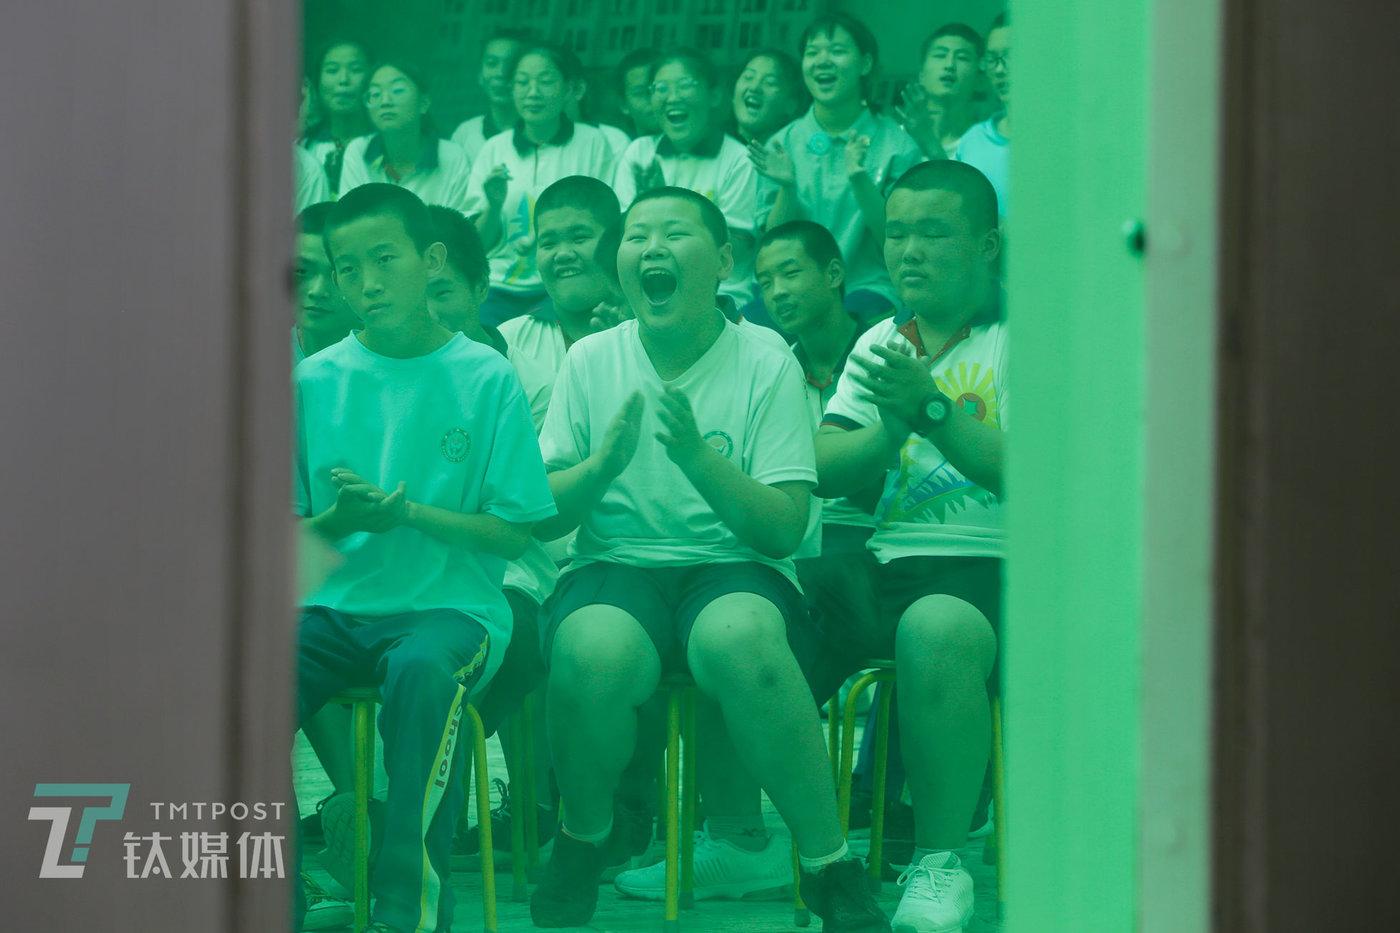 2019年7月4日,北京市大兴区,蒲公英中广东快三园内,志愿者带来的相声表演引得广东快三们哈哈大笑。